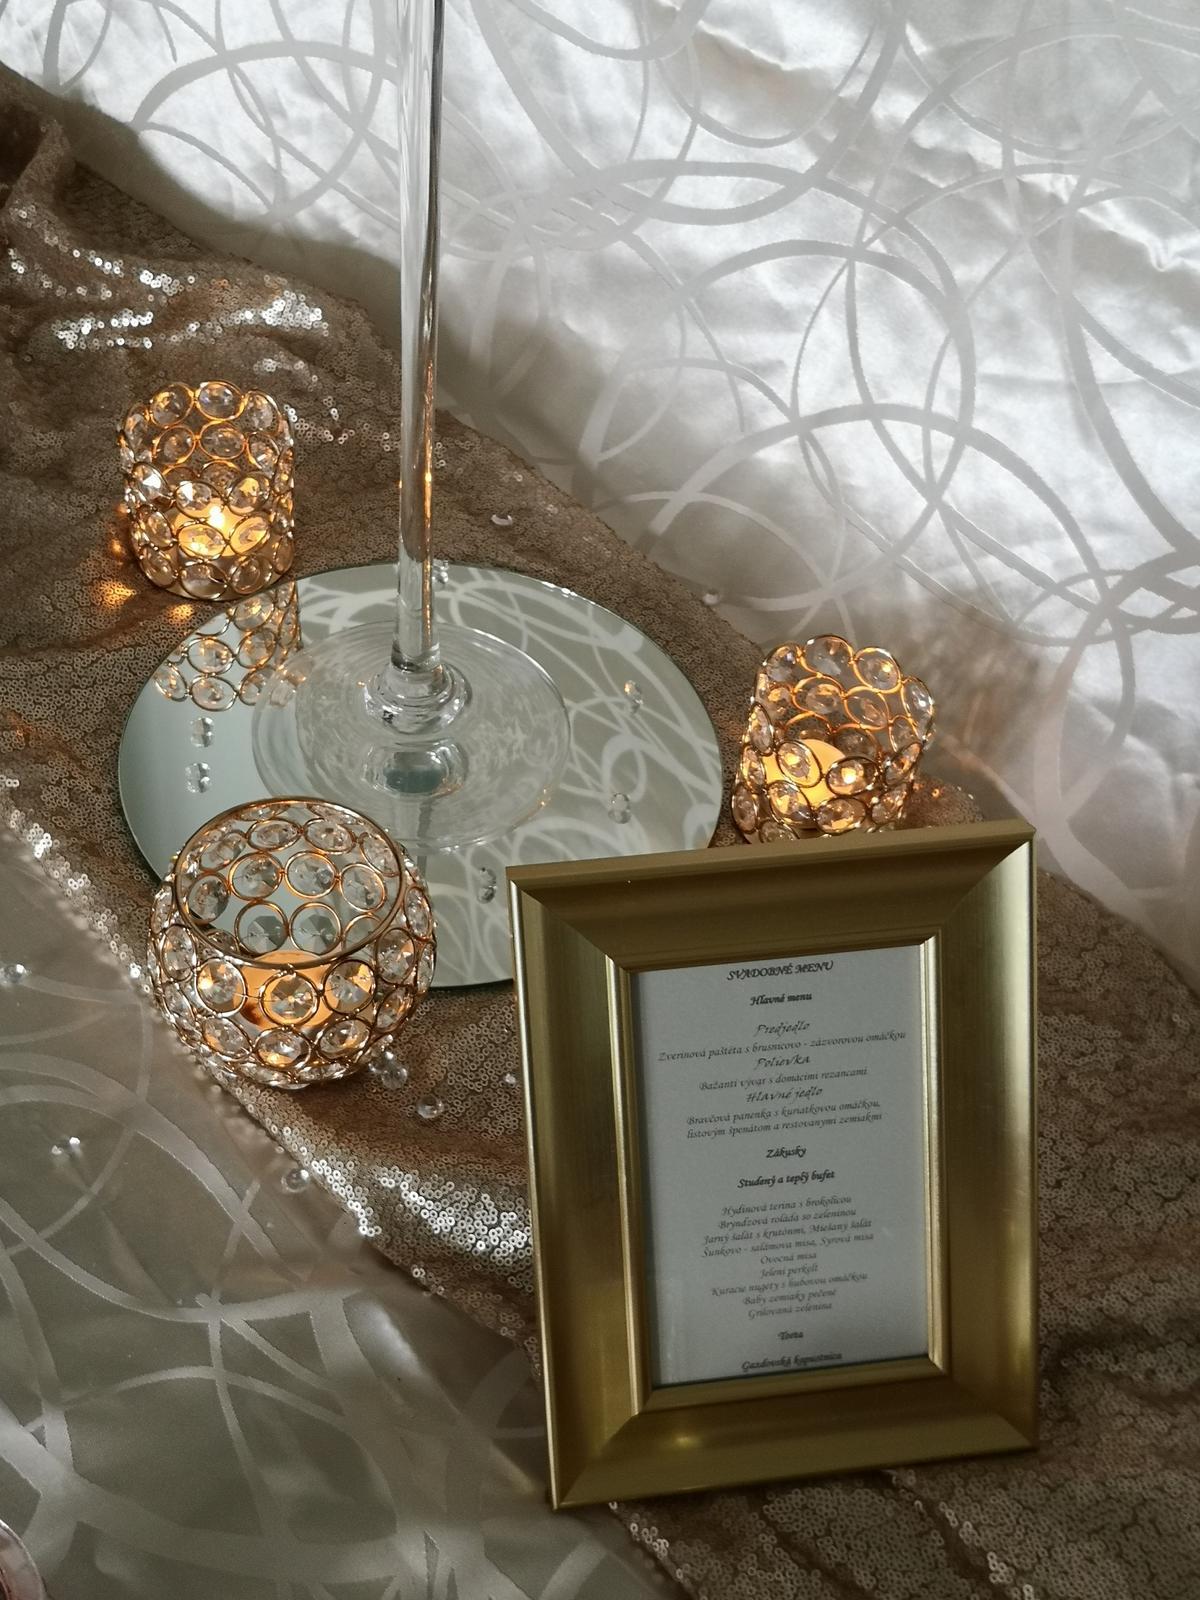 Dekorácie stolov pre svadobných hostí - Obrázok č. 5